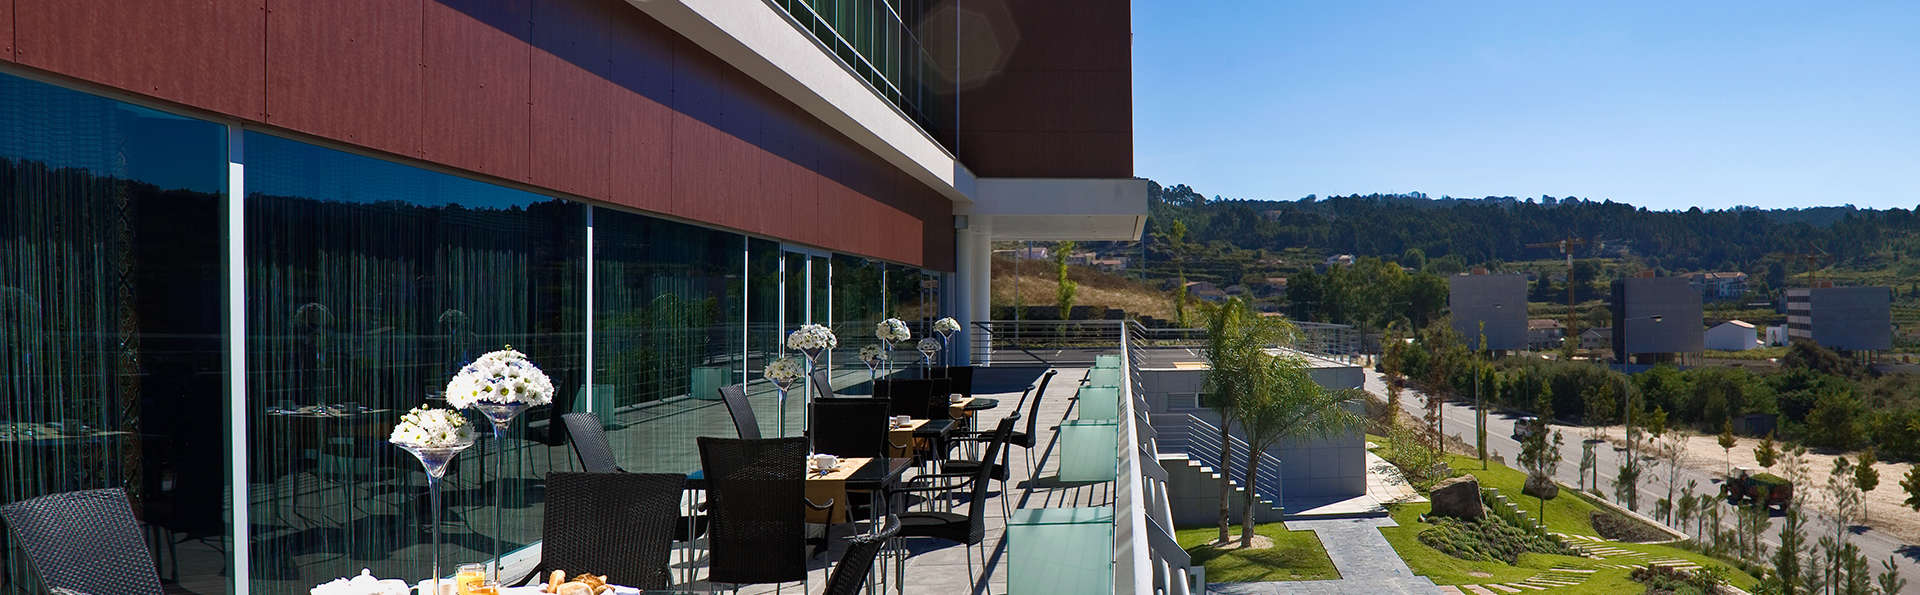 Penafiel Park Hotel & Spa - EDIT_terrace.jpg